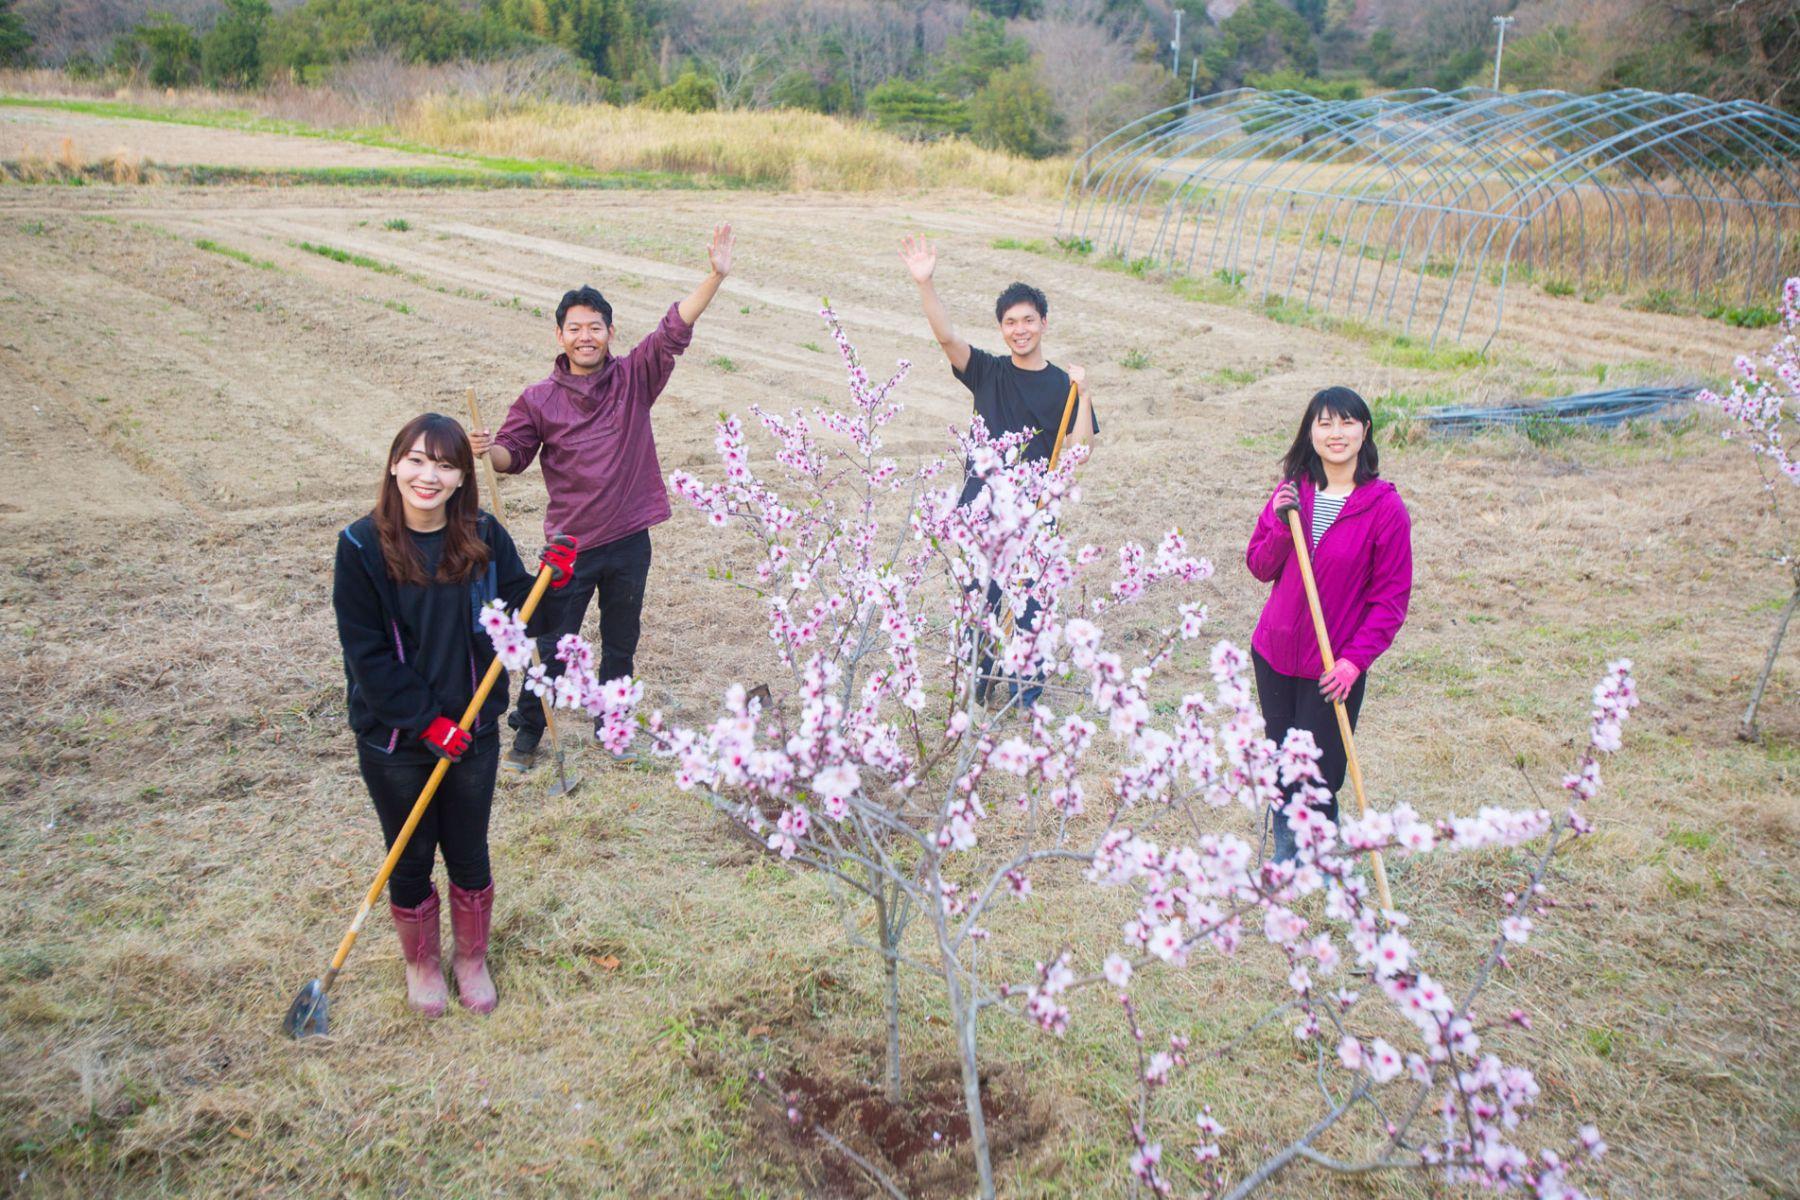 不只有東京能打拼! 日本高齡小鎮讓森林、古宅變身「小矽谷」